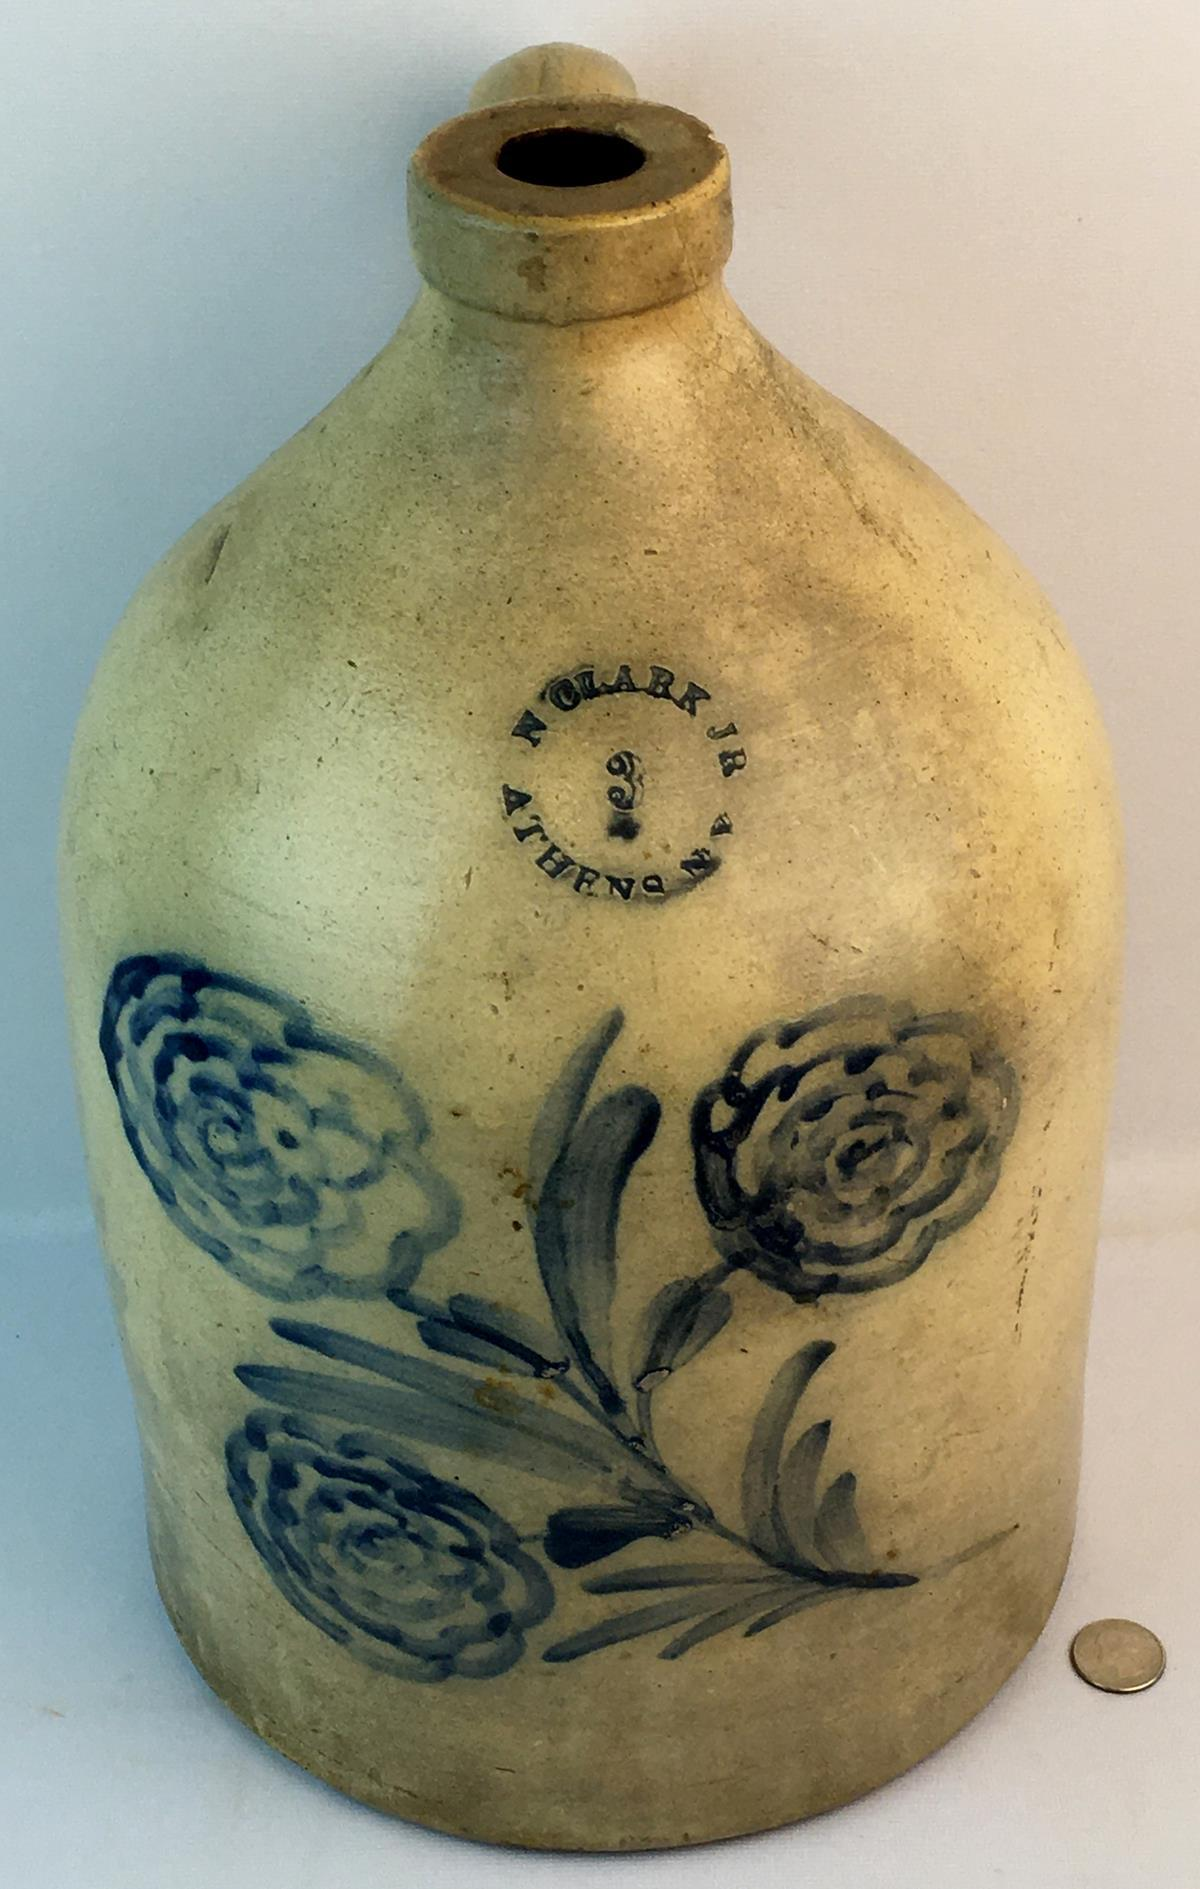 Antique c. 1860 N. Clark Jr. Athens NY 3 Gallon Stoneware Jug w/ Cobalt Floral Decoration